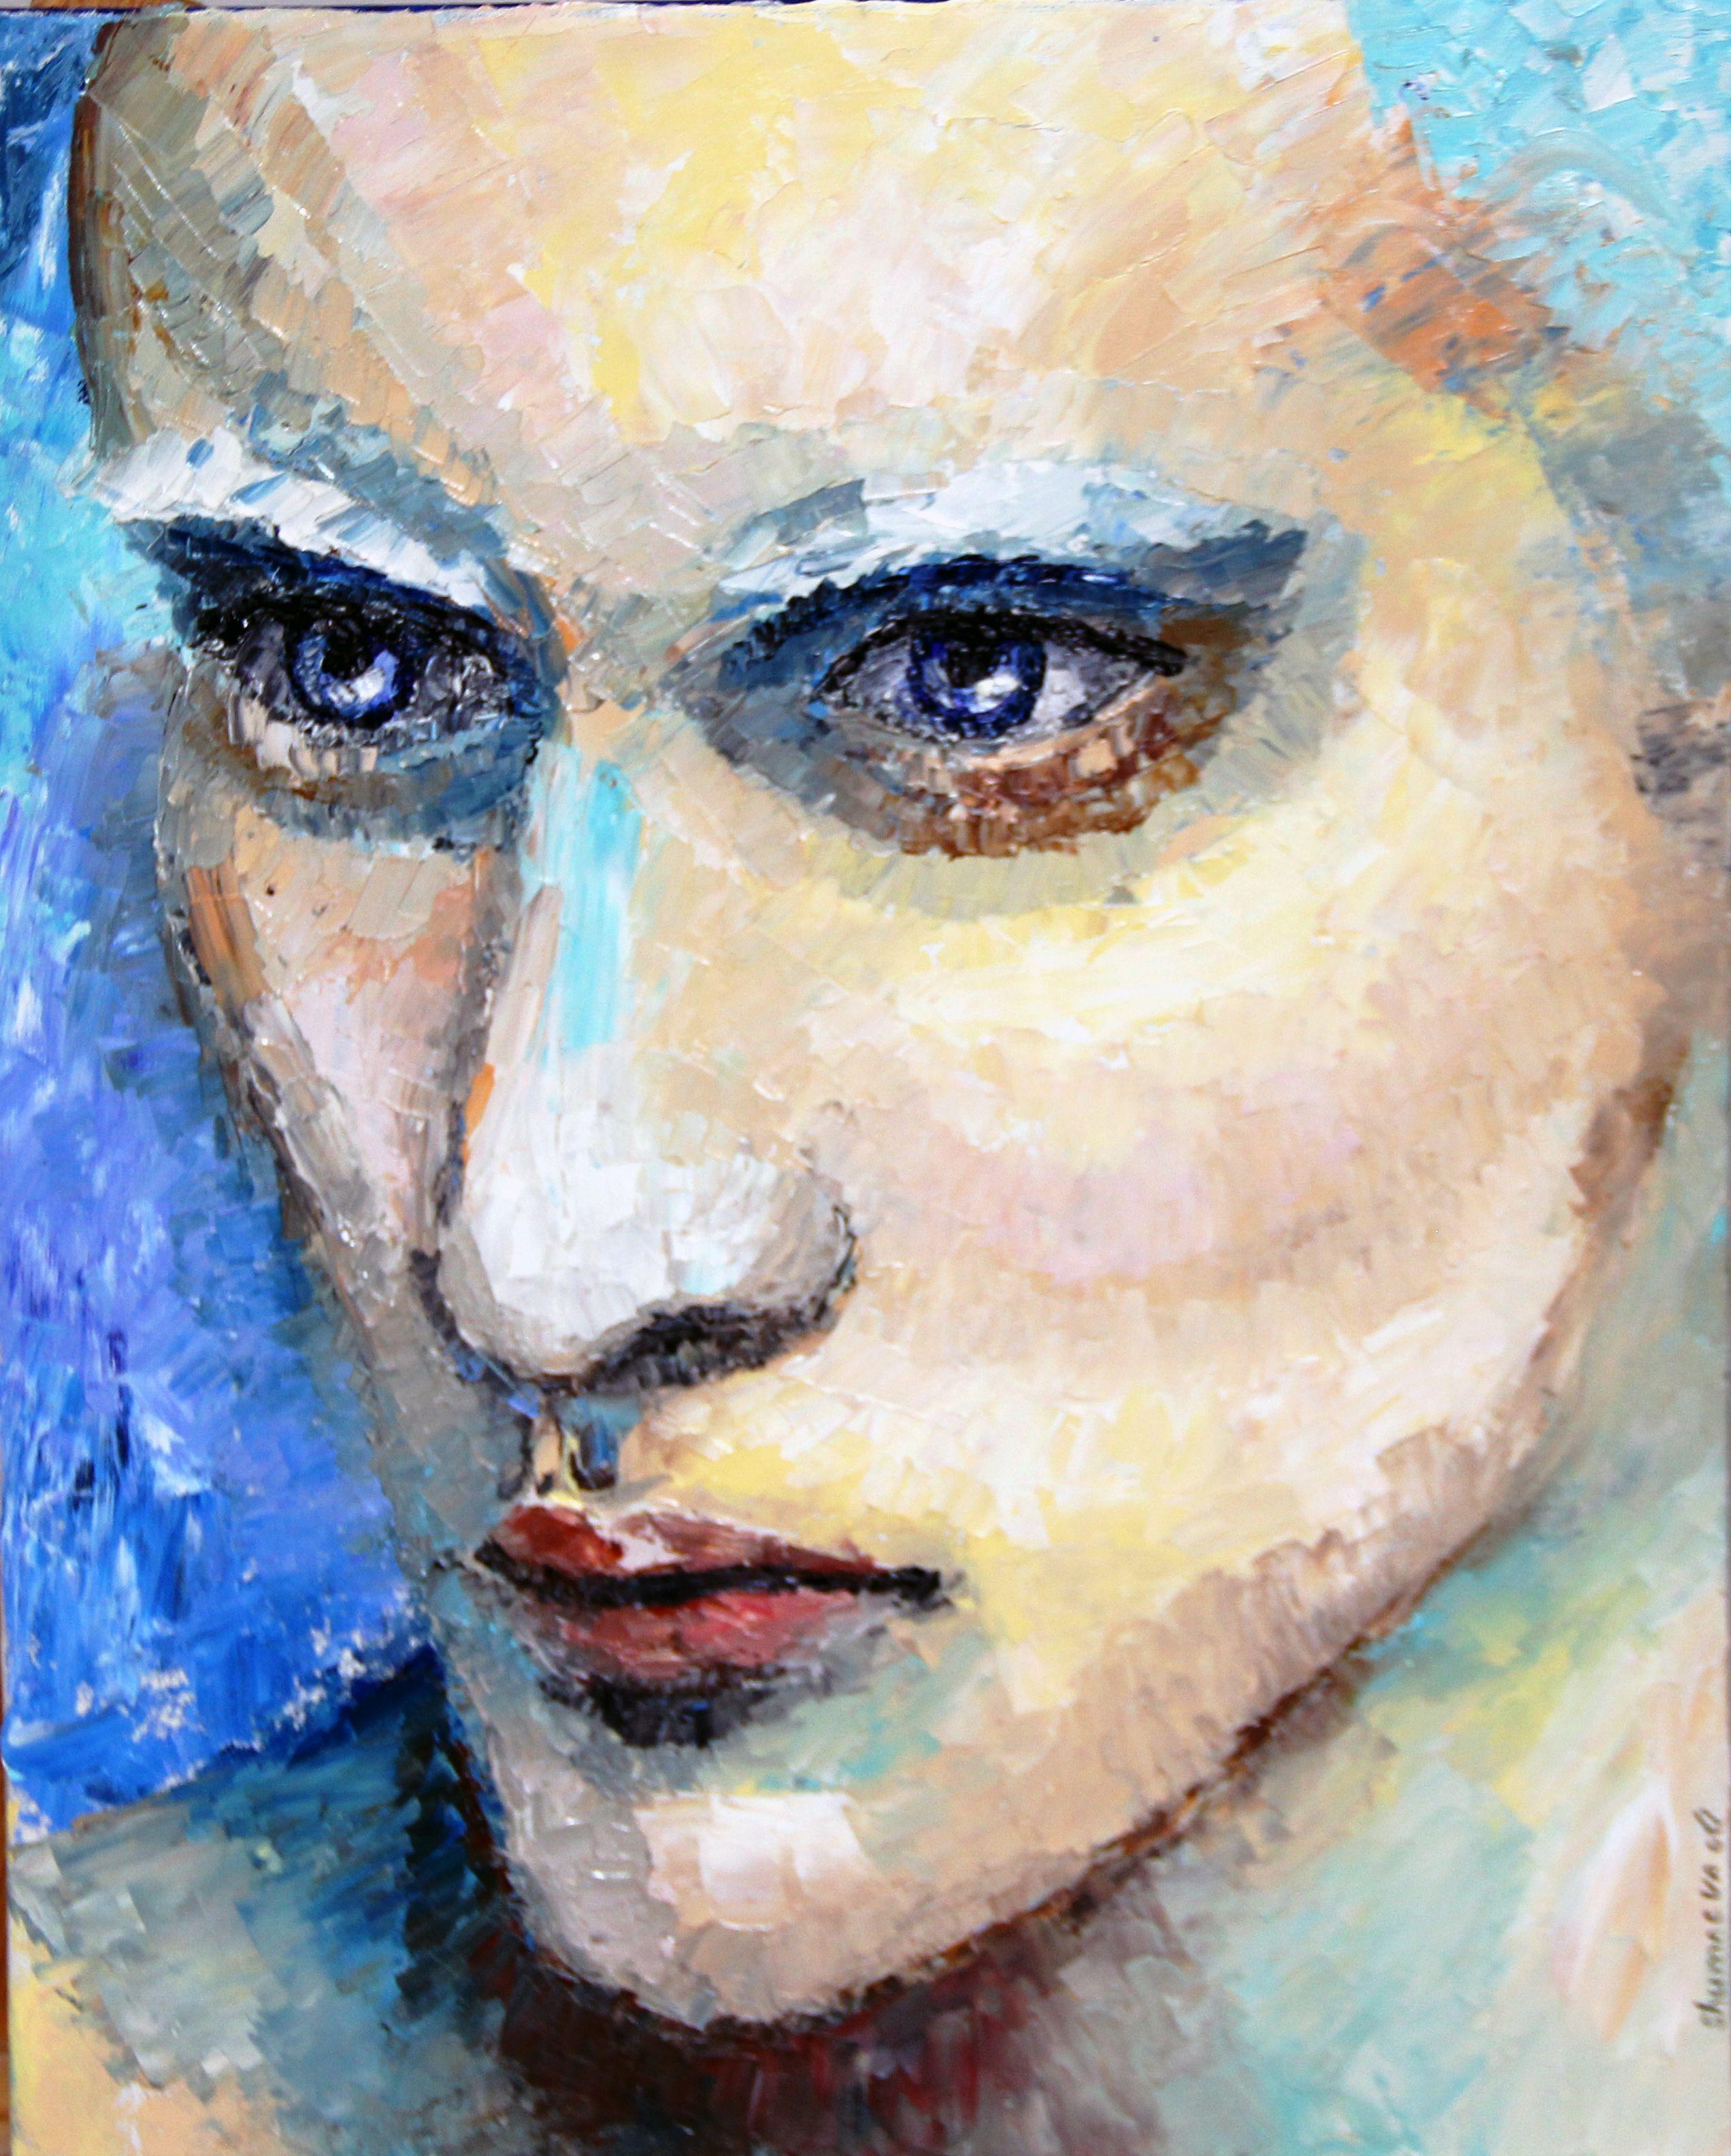 холст юноша мастихин абстракция масло живопись люди портрет